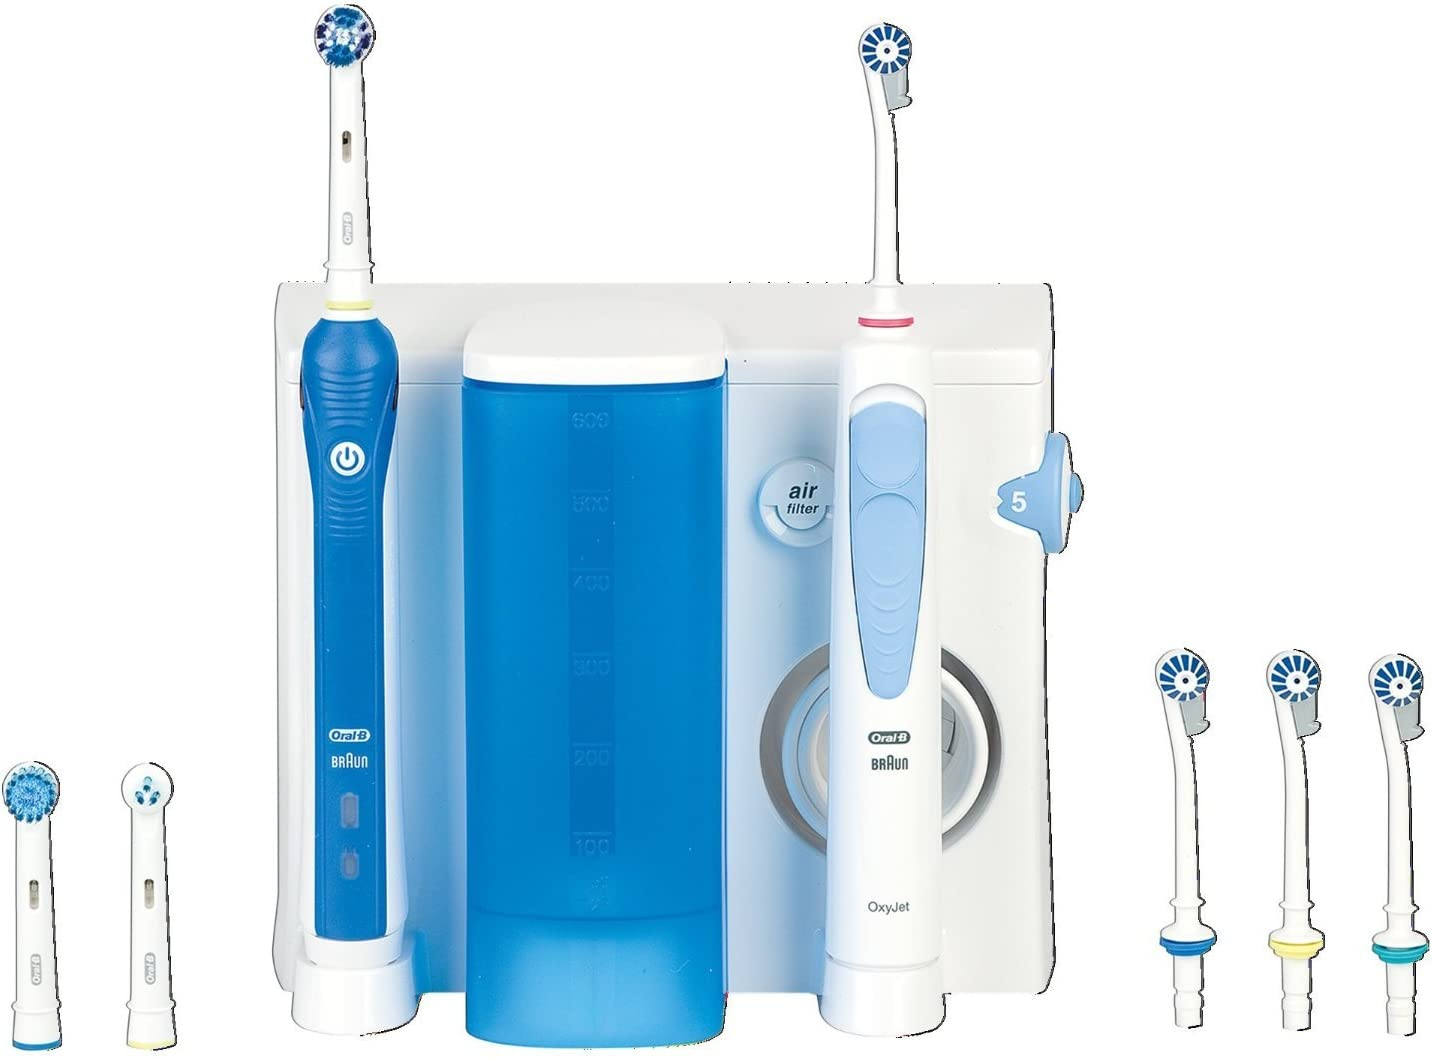 Oral-B Oxyjet + 2000 - Pack dental con cepillo de dientes recargable e irrigador Professional Care